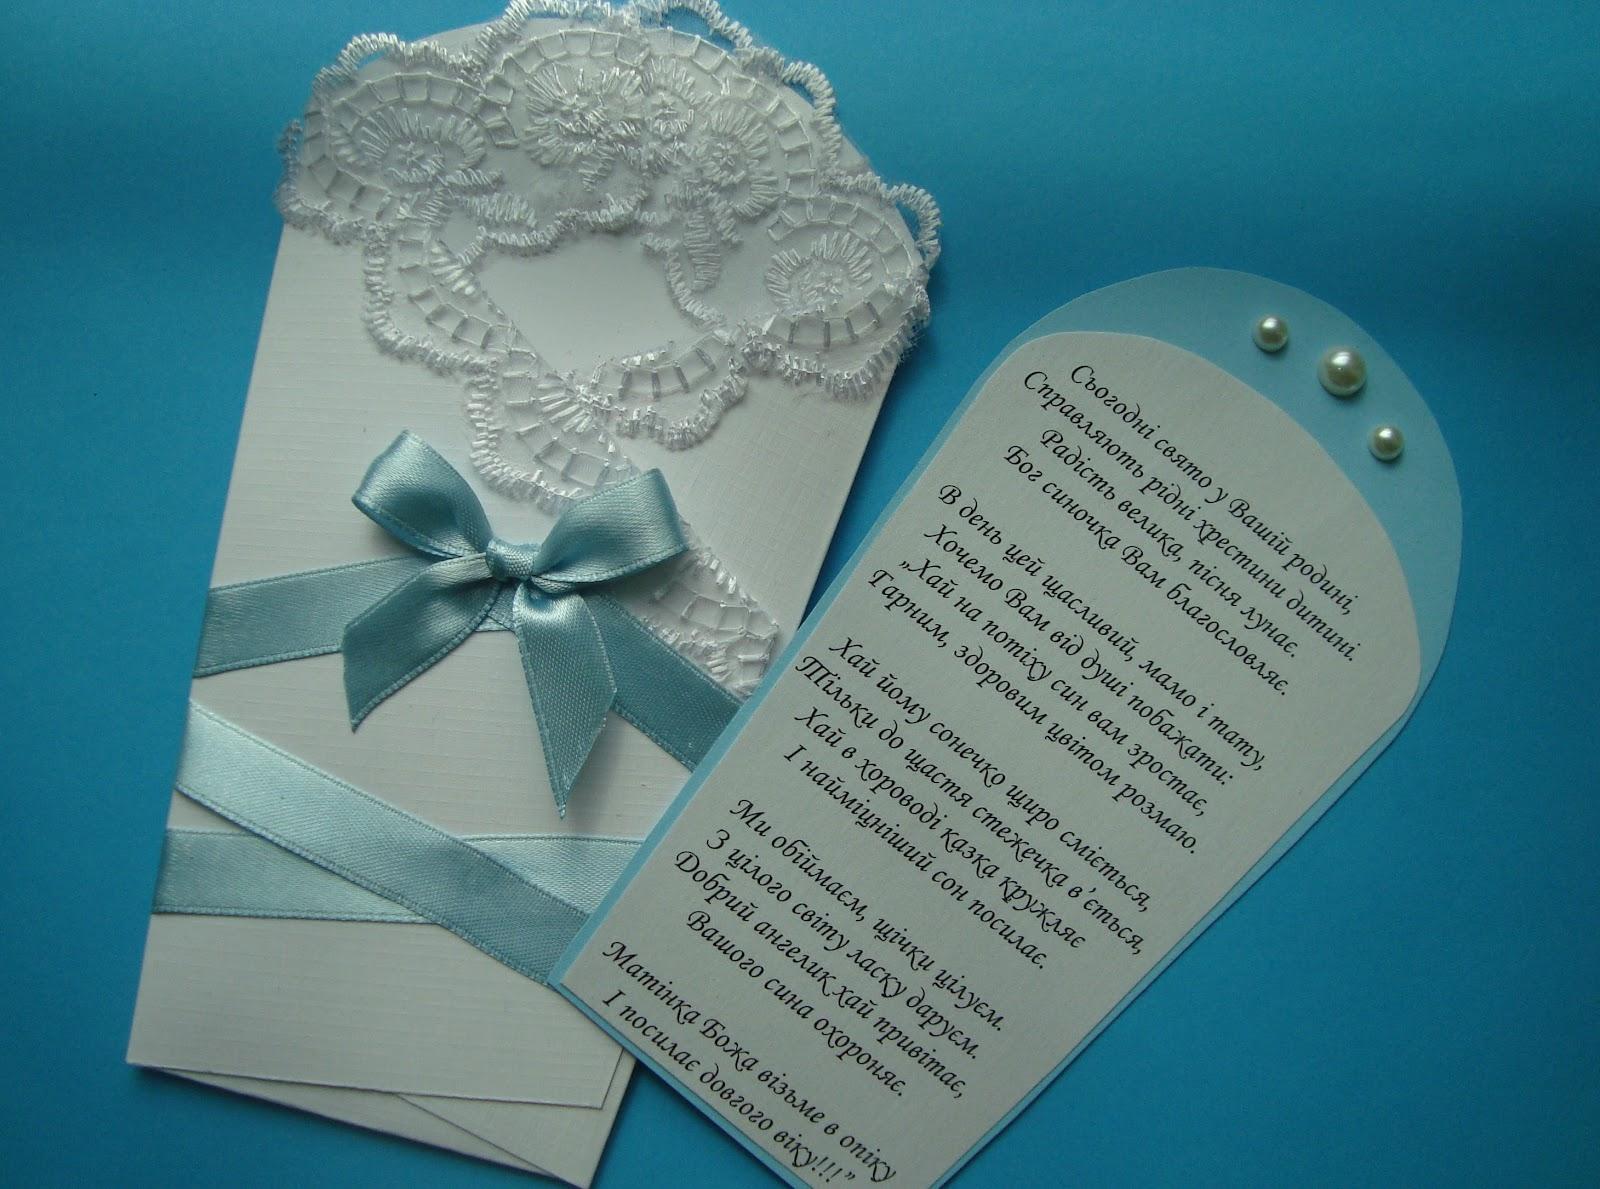 Крестины, крещение: открытки, конвертики, коробочки и прочее 30